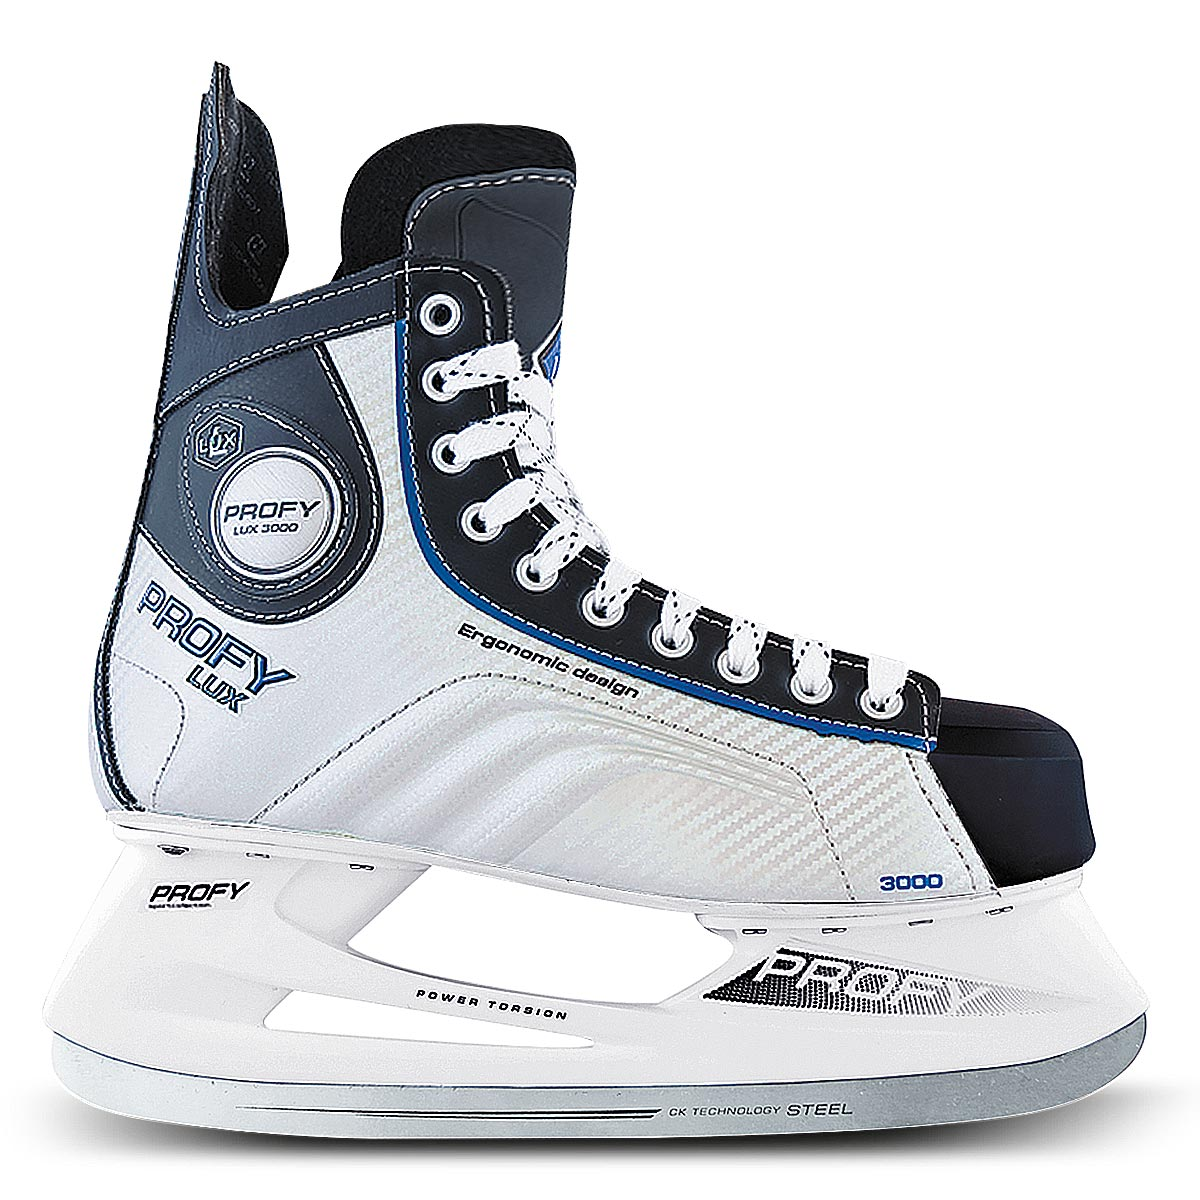 Коньки хоккейные мужские СК Profy Lux 3000, цвет: черный, серебряный, синий. Размер 46Atemi Force 3.0 2012 Black-GrayКоньки хоккейные мужские СК Profy Lux 3000 прекрасно подойдут для профессиональных игроков в хоккей. Ботинок выполнен из морозоустойчивой искусственной кожи и специального резистентного ПВХ, а язычок - из двухслойного войлока и искусственной кожи. Слоевая композитная технология позволила изготовить ботинок, полностью обволакивающий ногу. Это обеспечивает прочную и удобную фиксацию ноги, повышает защиту от ударов. Ботинок изготовлен с учетом антропометрии стоп россиян, что обеспечивает комфорт и устойчивость ноги, правильное распределение нагрузки, сильно снижает травмоопасность. Конструкция носка ботинка, изготовленного из ударопрочного энергопоглощающего термопластичного полиуретана Hytrel® (DuPont), обеспечивает увеличенную надежность защиты передней части ступни от ударов. Усиленные боковины ботинка из формованного PVC укрепляют боковую часть ботинка и дополнительно защищают ступню от ударов за счет поглощения энергии. Тип застежки ботинок – классическая шнуровка. Стелька из упругого пенного полимерного материала EVA гарантирует комфортное положение ноги в ботинке, обеспечивает быструю адаптацию ботинка к индивидуальным формам ноги, не теряет упругости при изменении температуры и не разрушается от воздействия пота и влаги. Легкая прочная низкопрофильная полимерная подошва инжекционного формования практически без потерь передает энергию от толчка ноги к лезвию – быстрее набор скорости, резче повороты и остановки, острее чувство льда. Лезвие из нержавеющей стали 420J обеспечит превосходное скольжение.